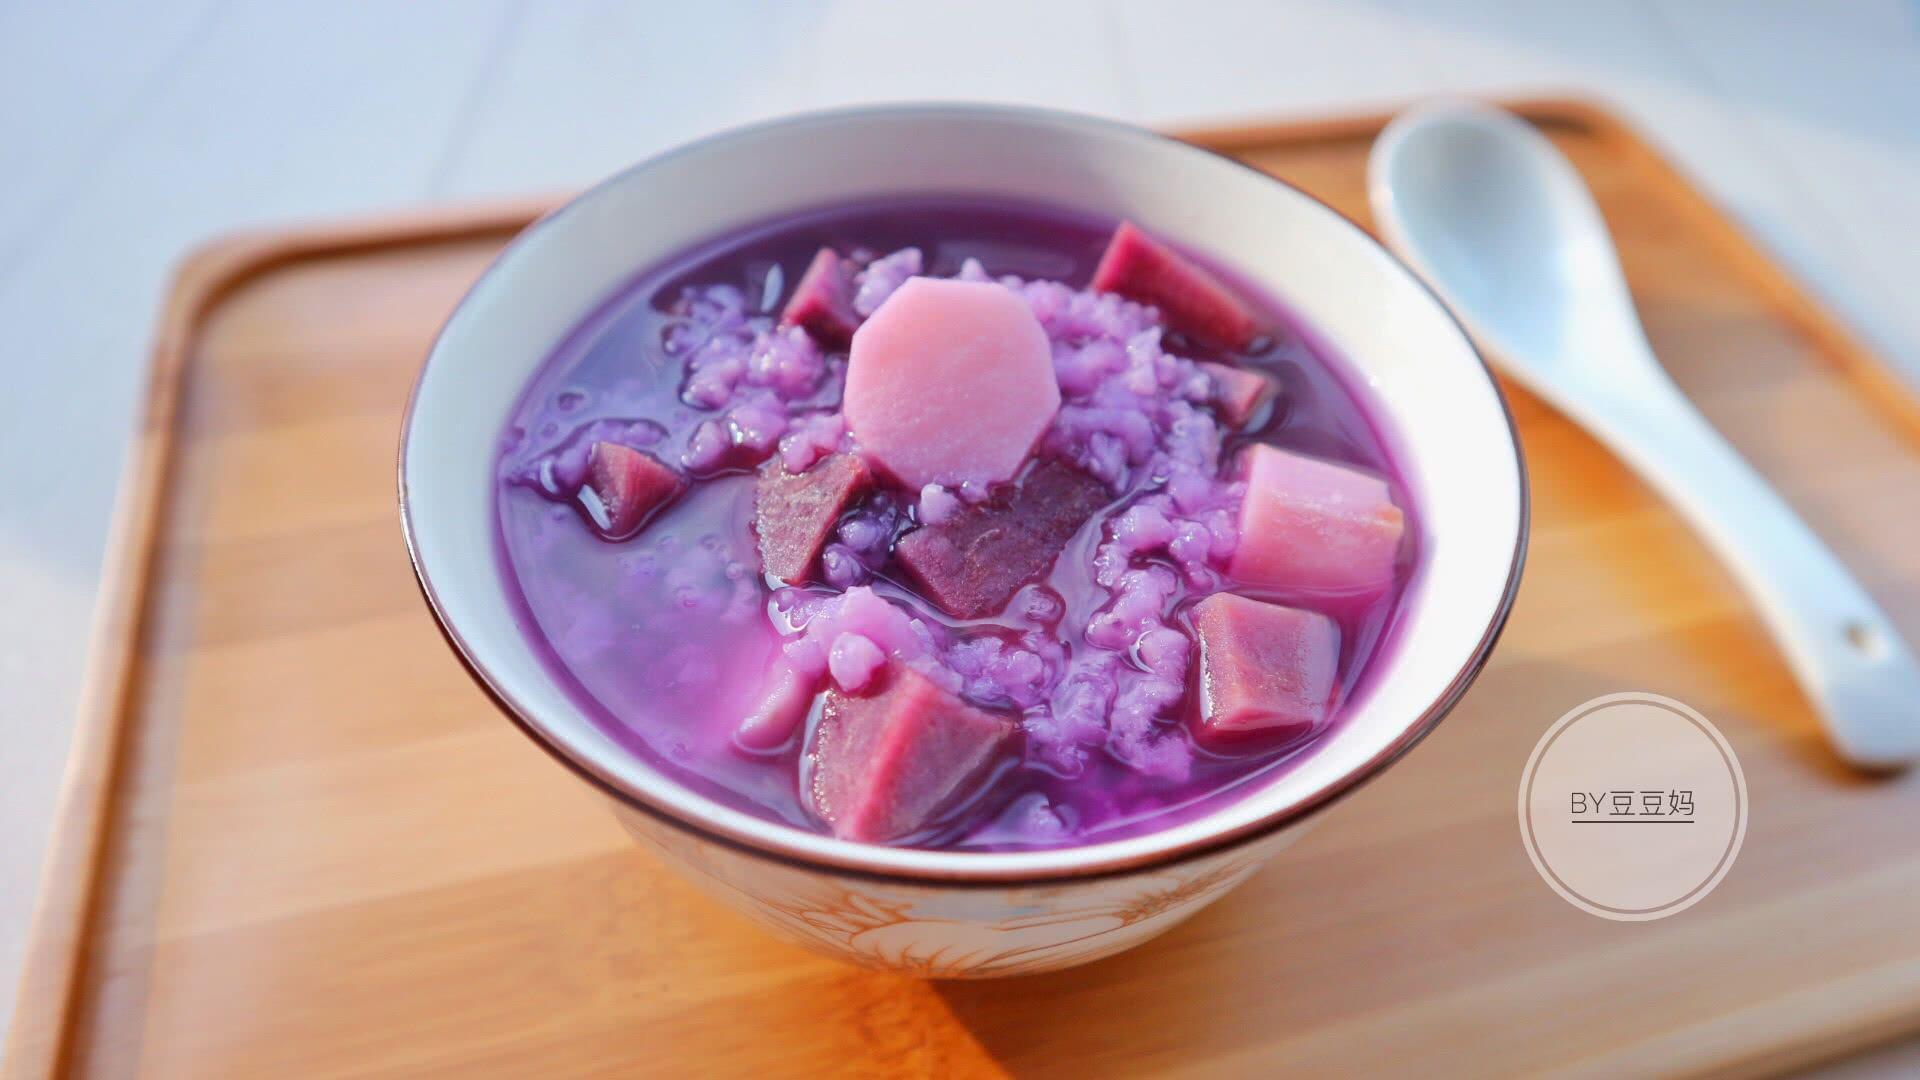 紫薯山药粥#胃,我养你啊#的美食_大全_豆果做法自制腌菜饼菜谱做法图片